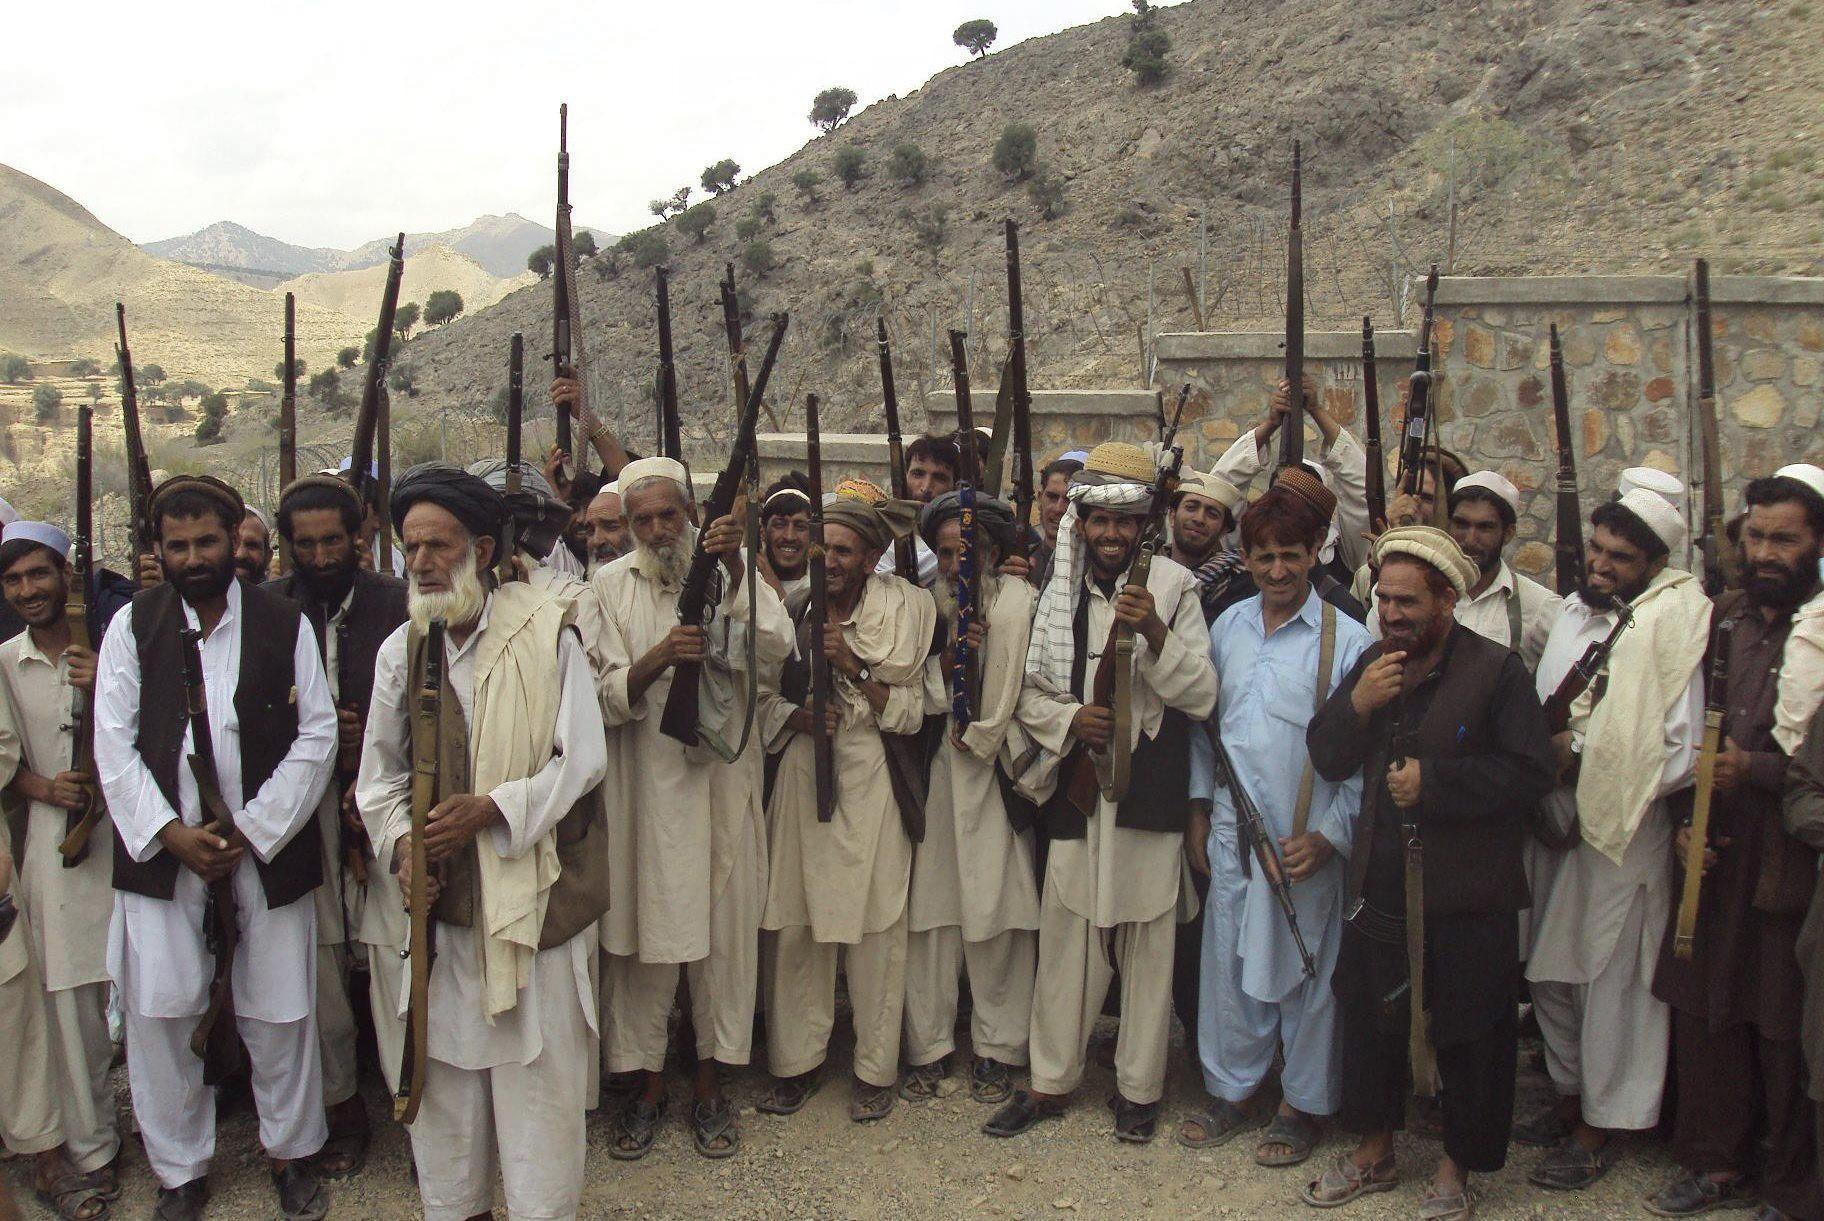 El origen de la actual situación hay que buscarla en el surgimiento de Al Qaeda fomentado por la ayuda de EEUU en plena guerra fría para luchar contra los soviéticos en Afganistán desde 1979.